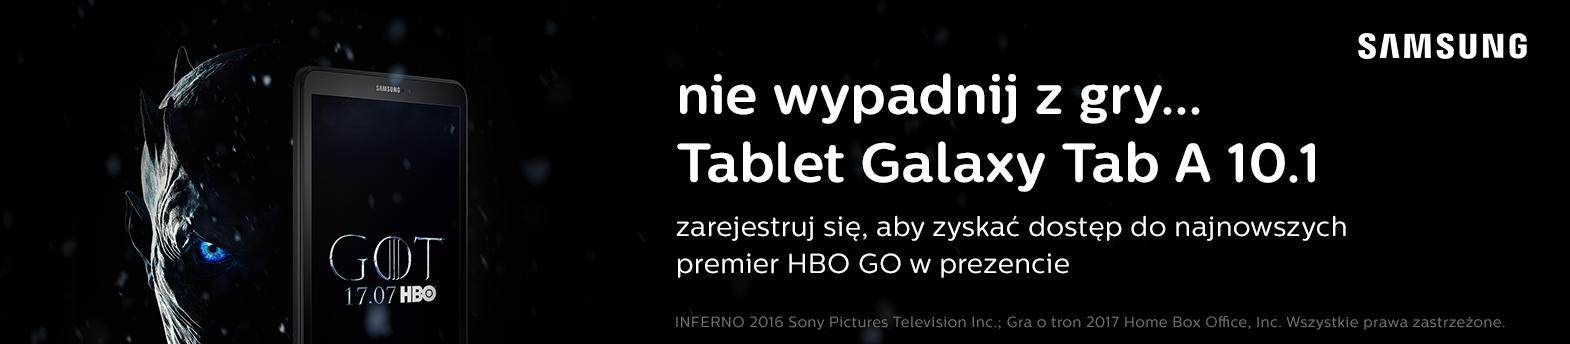 odbierz HBO GO w prezencie